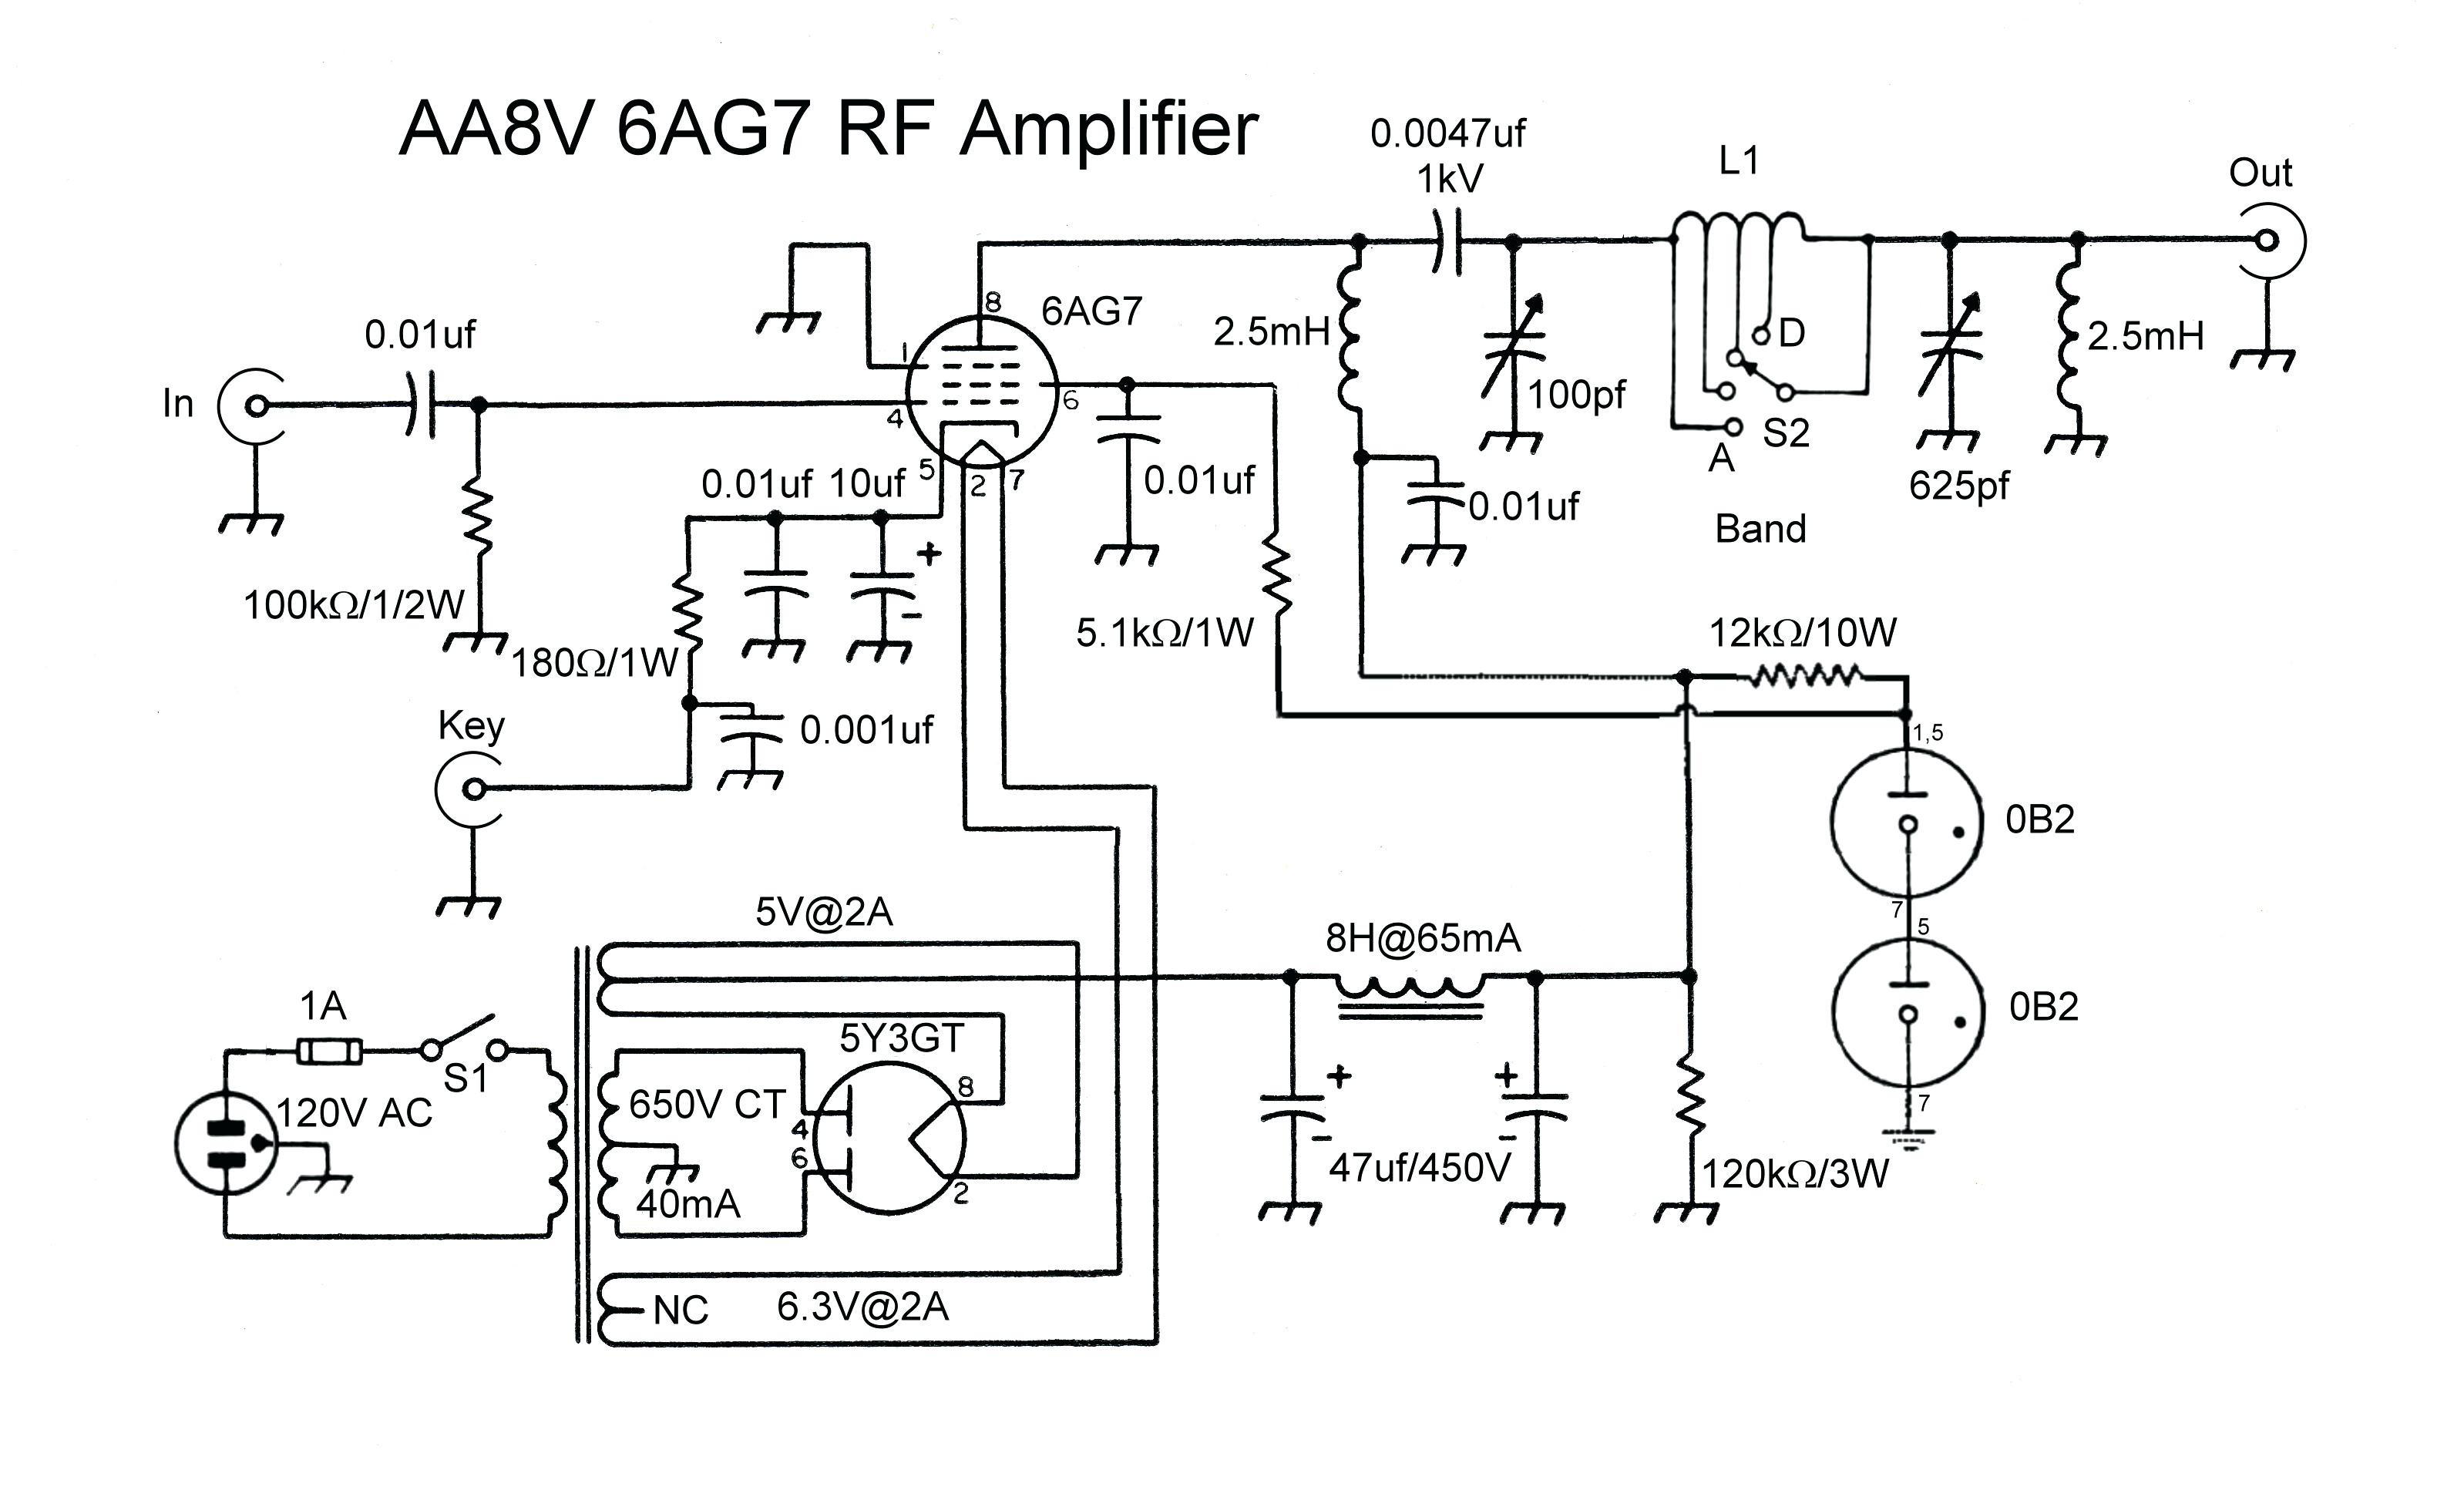 Wrg-0721] Onan 5500 Generator Wiring Diagram - Onan Generator Wiring Diagram